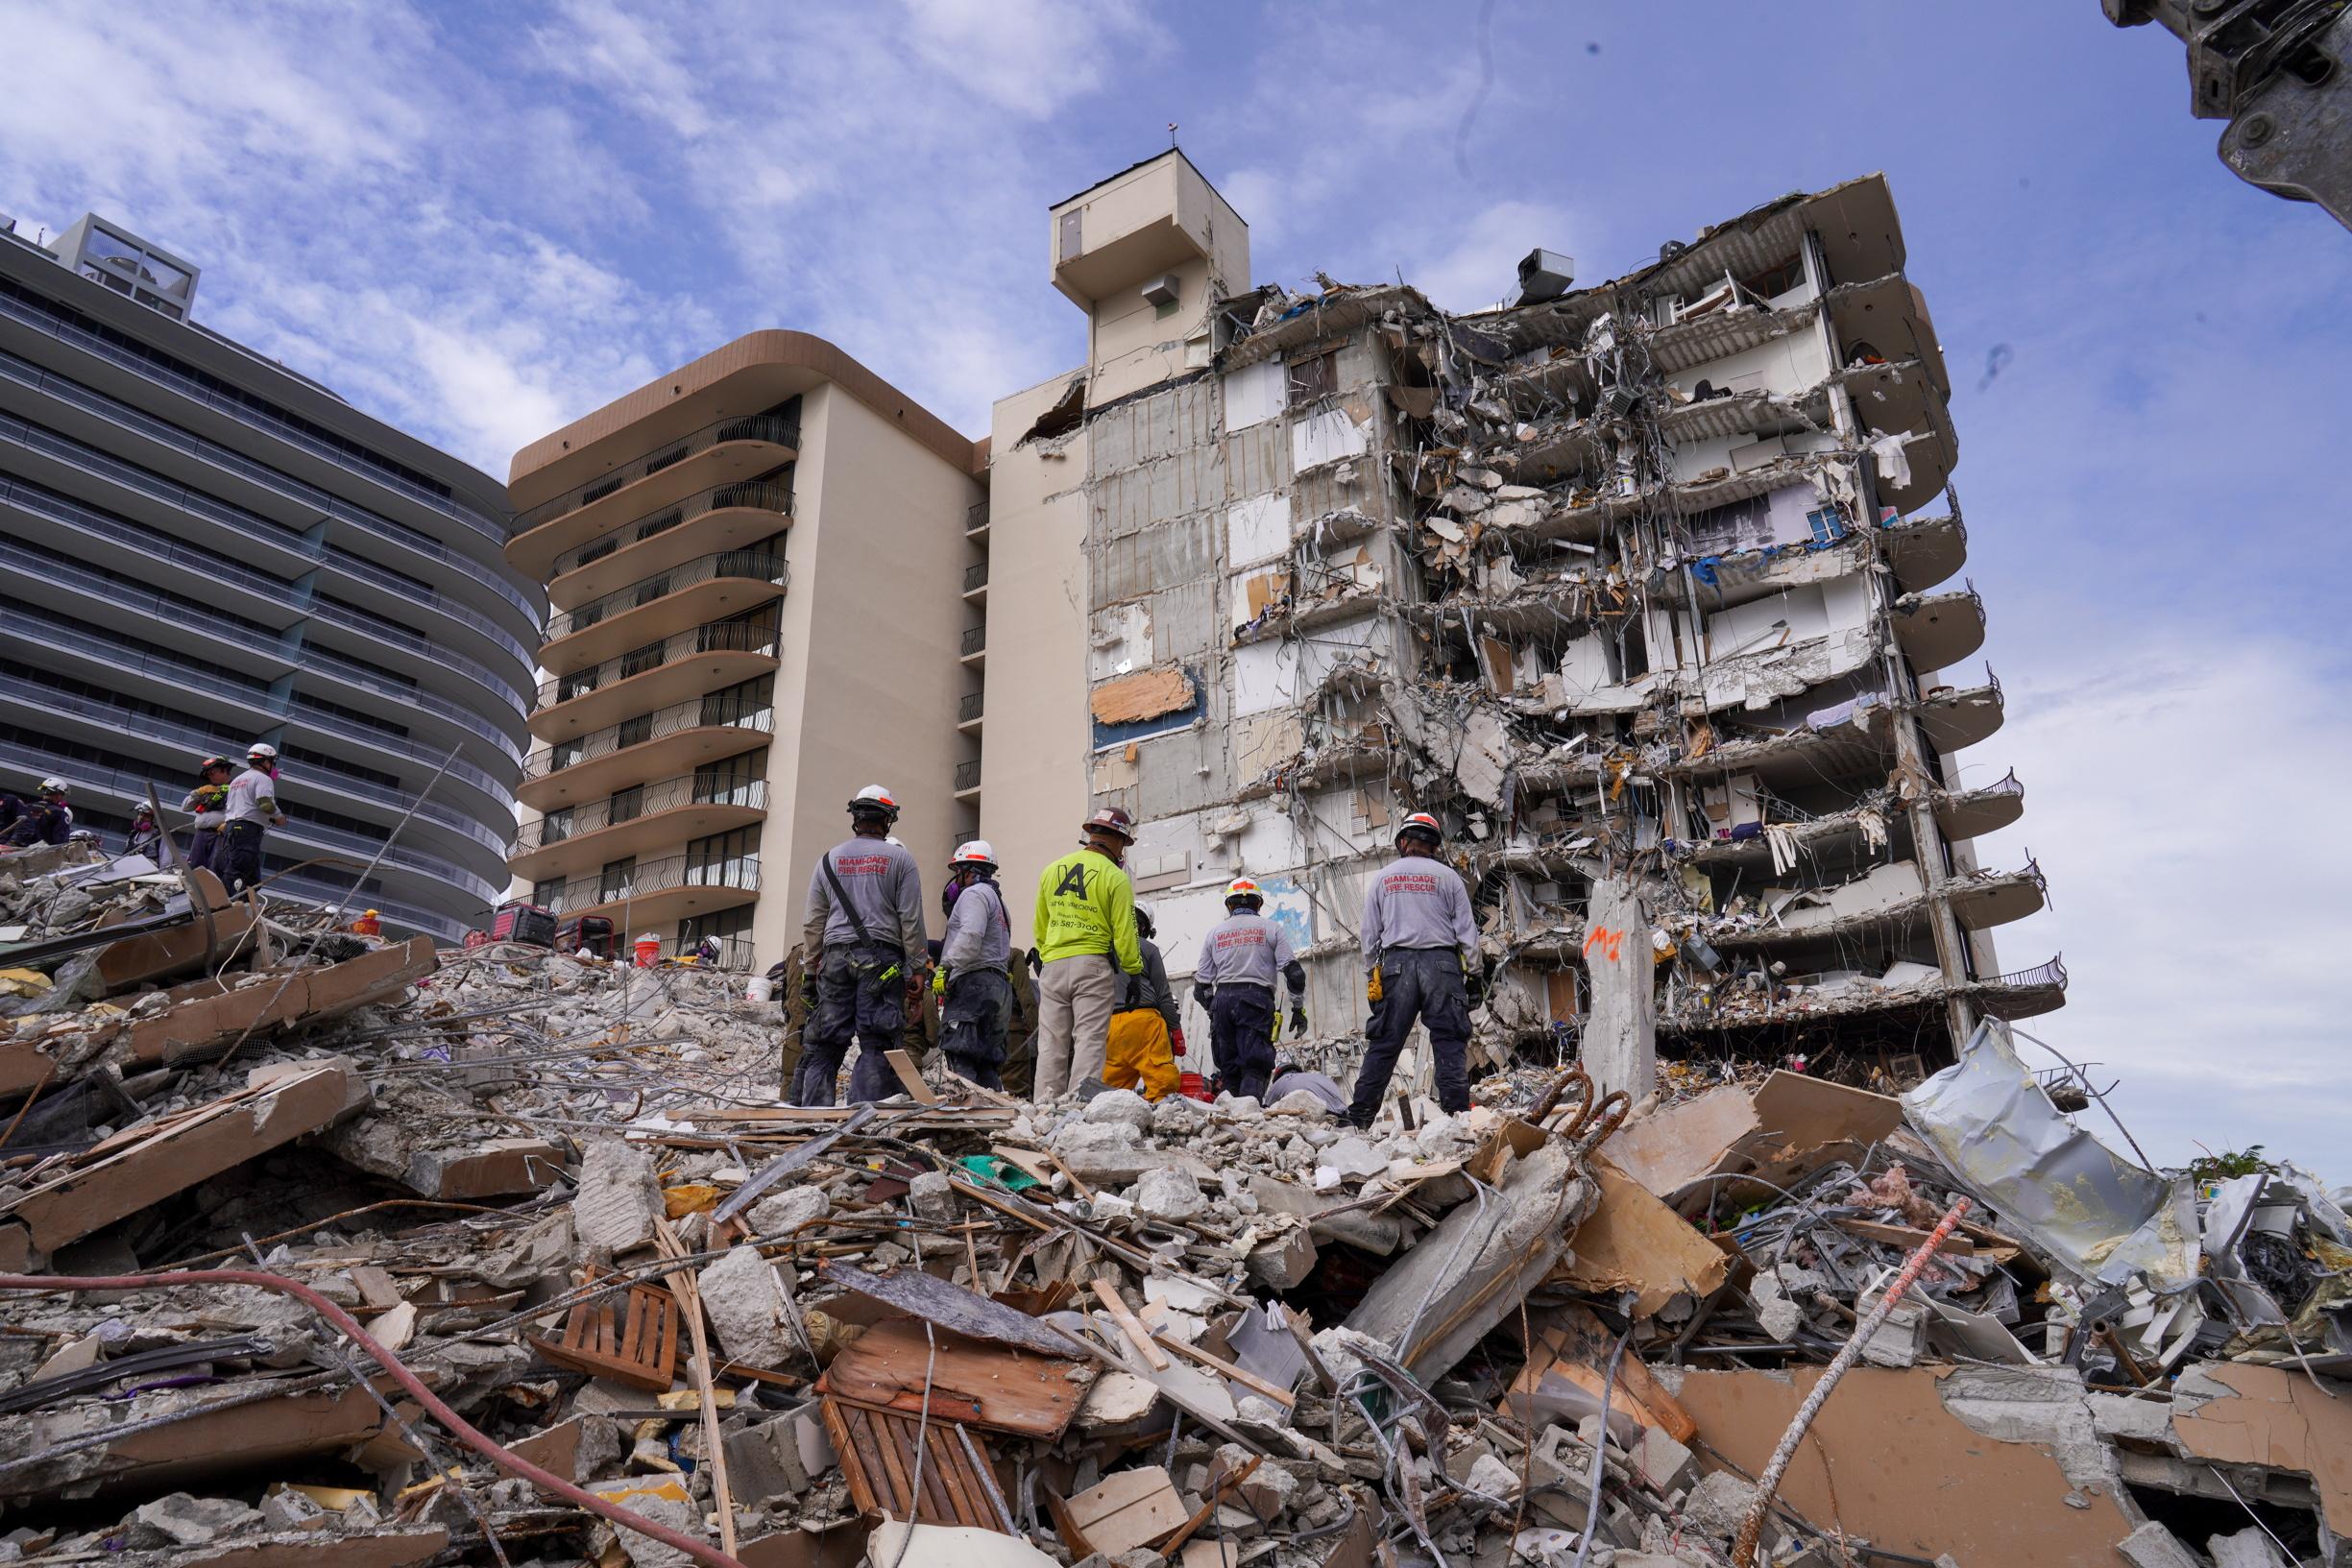 Φλόριντα: Τέλος οι έρευνες για επιζώντες στα χαλάσματα της πολυκατοικίας που κατέρρευσε